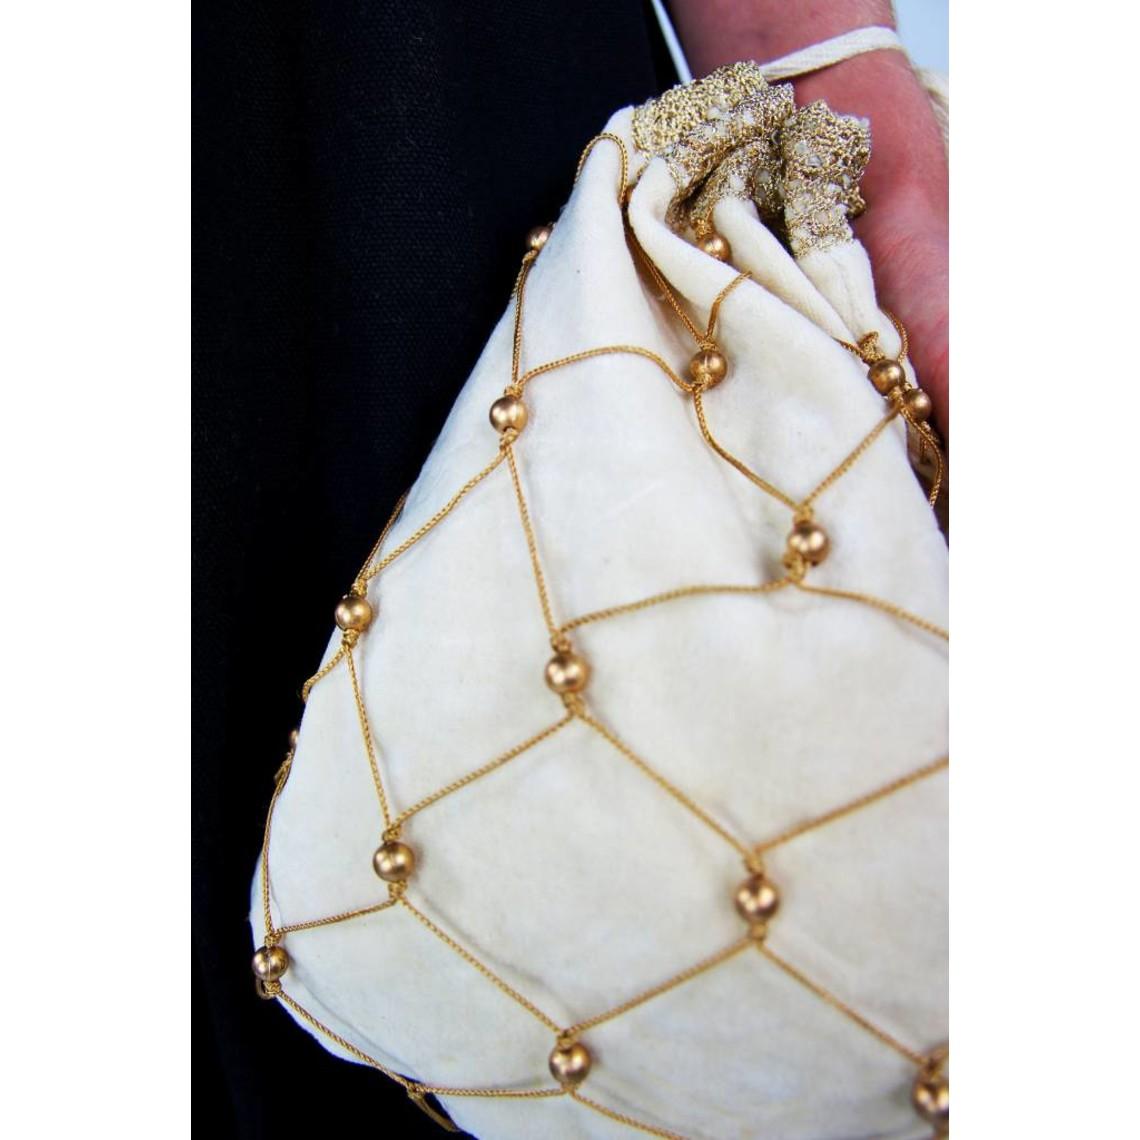 Leonardo Carbone bolsa noble, blanco